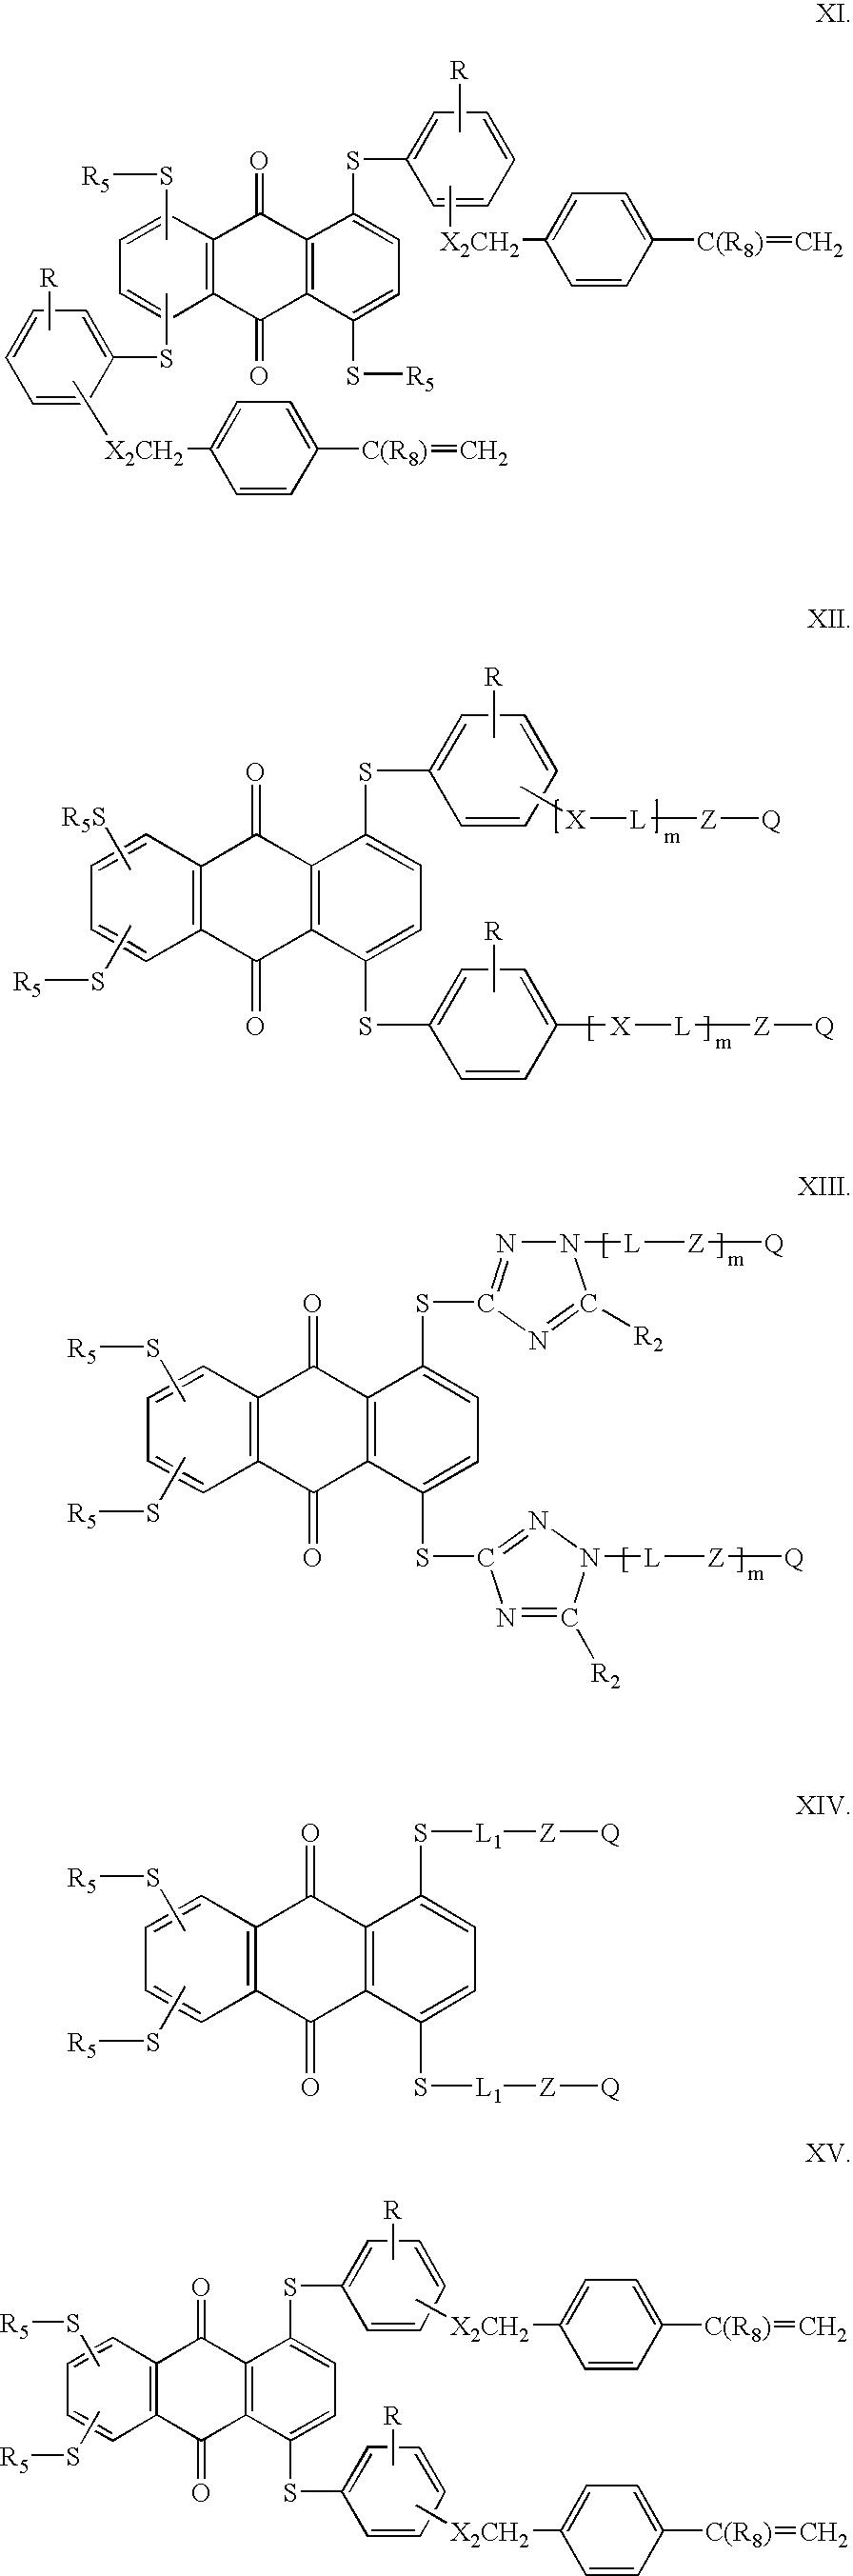 Figure US06870062-20050322-C00004